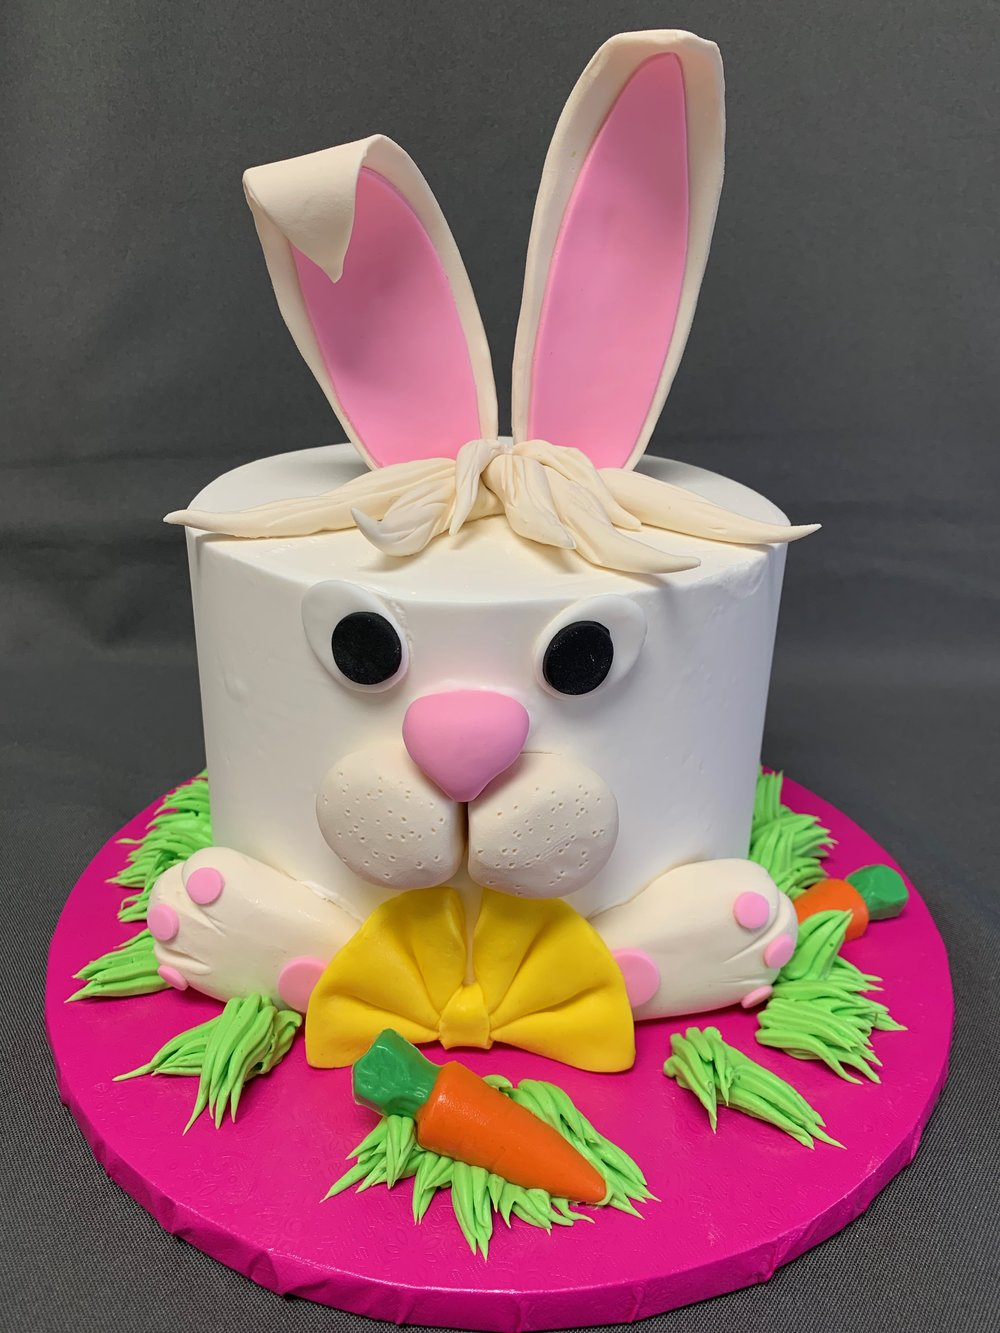 Best Easter Bunny Cake NJ